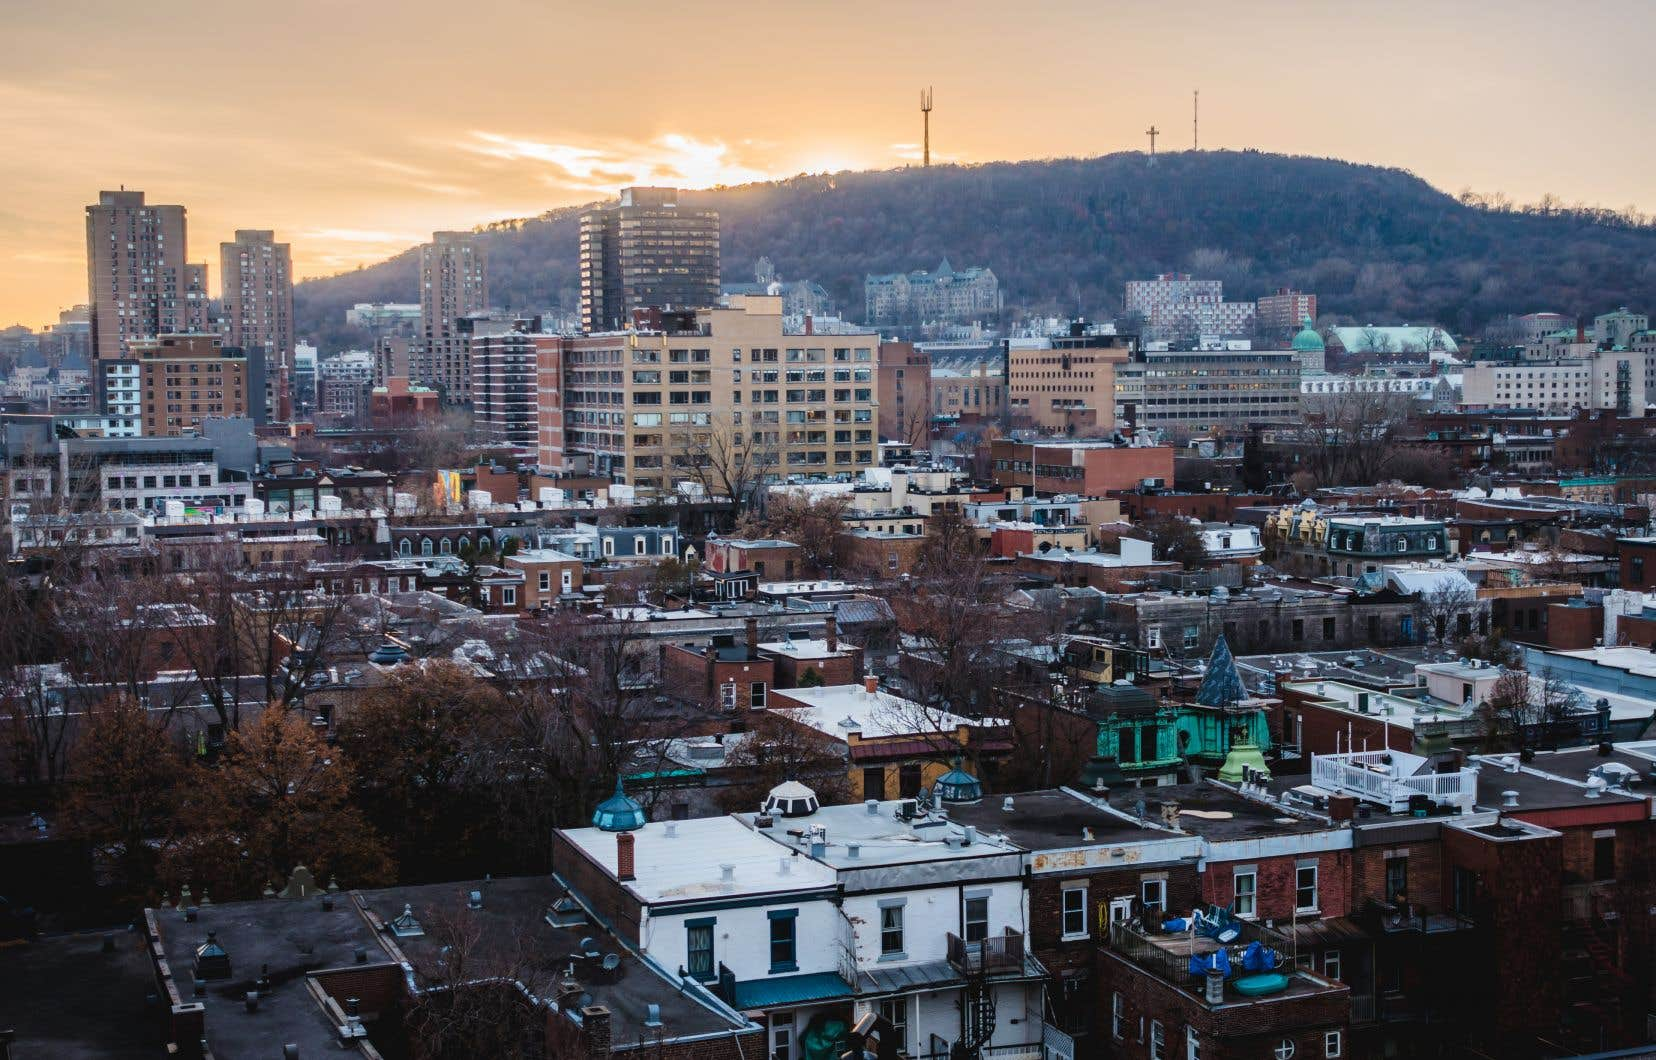 Au total, 6237 habitations ont été vendues dans la grande région montréalaise le mois dernier, comparativement à 1882 habitations en avril 2020 et à 6348 en mars 2021, a précisé l'APCIQ.